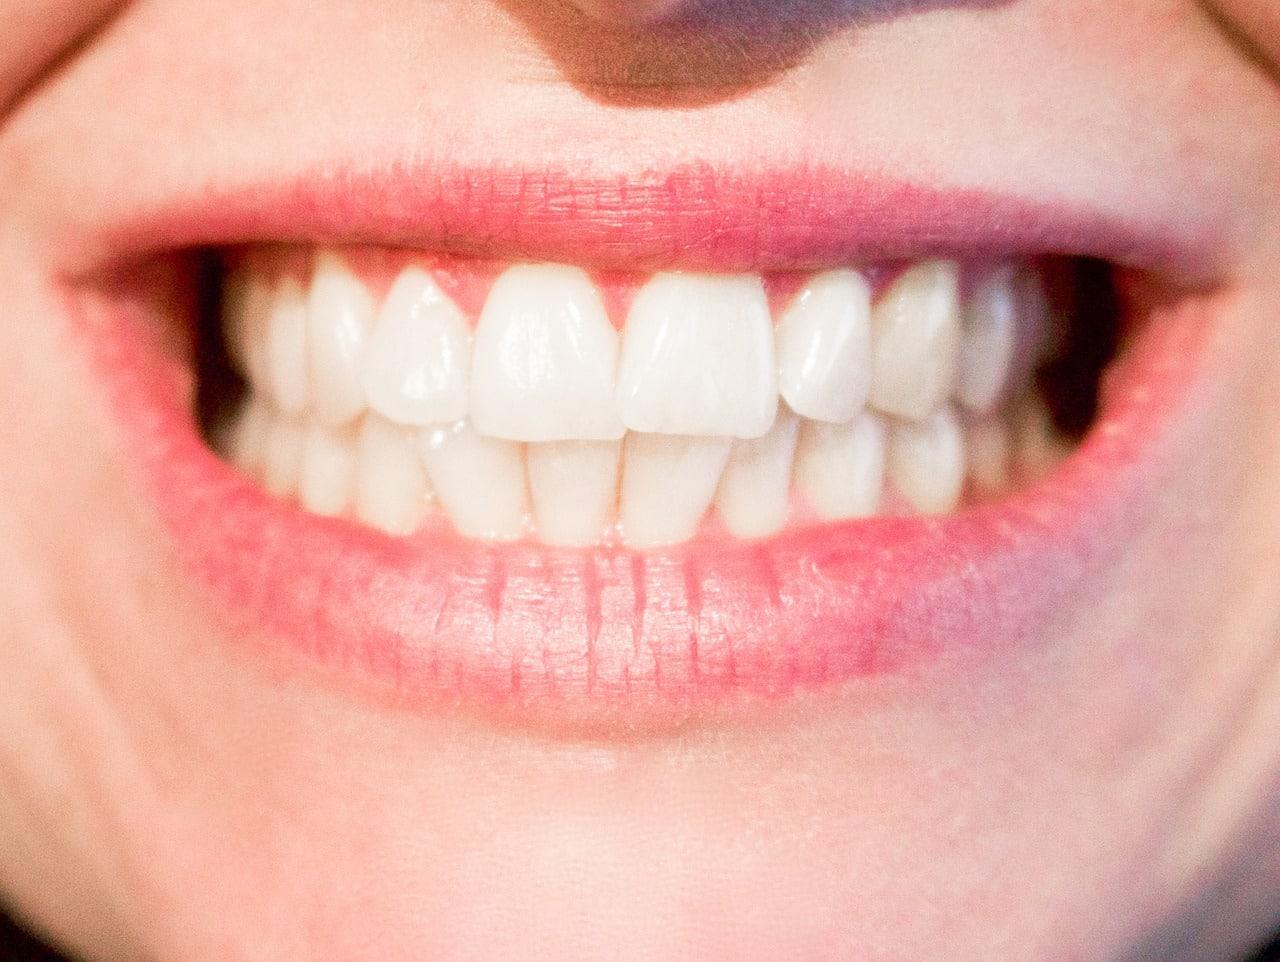 Endodoncia Alcorcón CEM Calderas Dentistas en Alcorcón. Financiación a medida